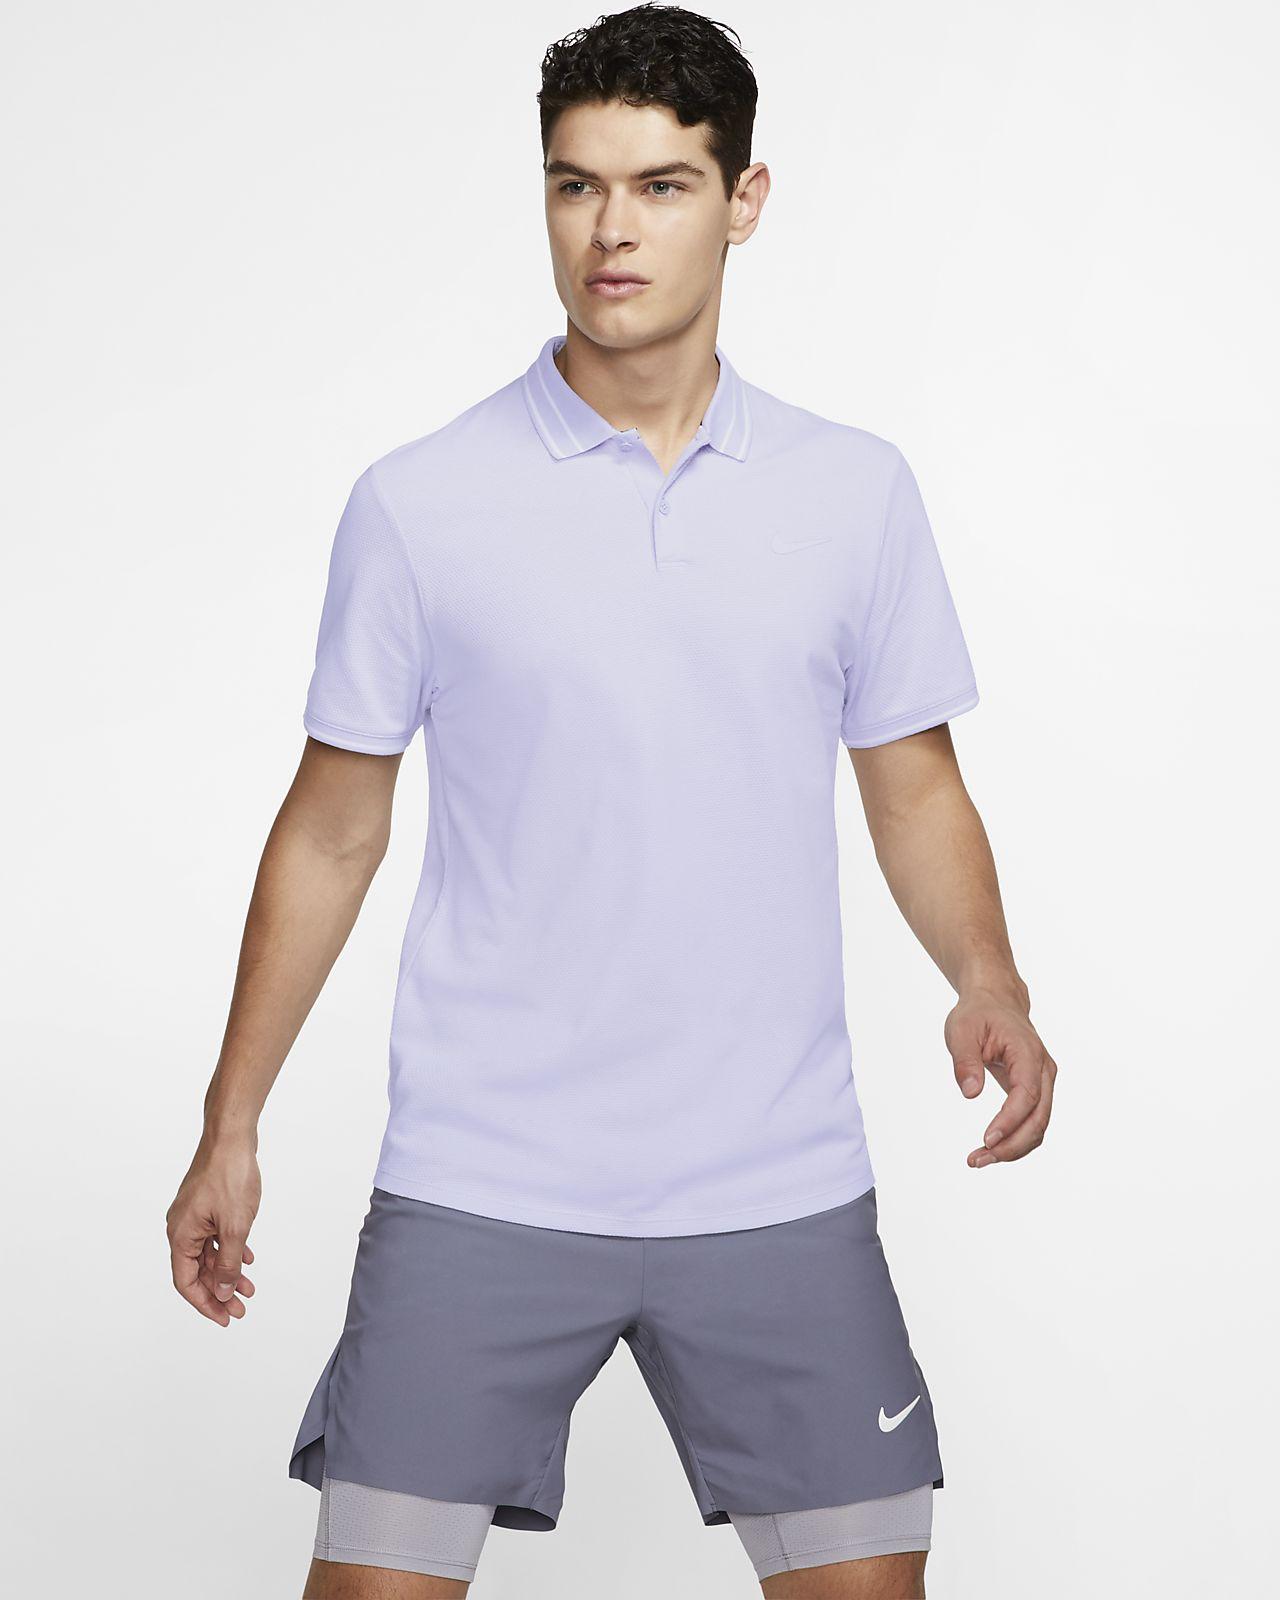 Polo de ténis NikeCourt Advantage para homem